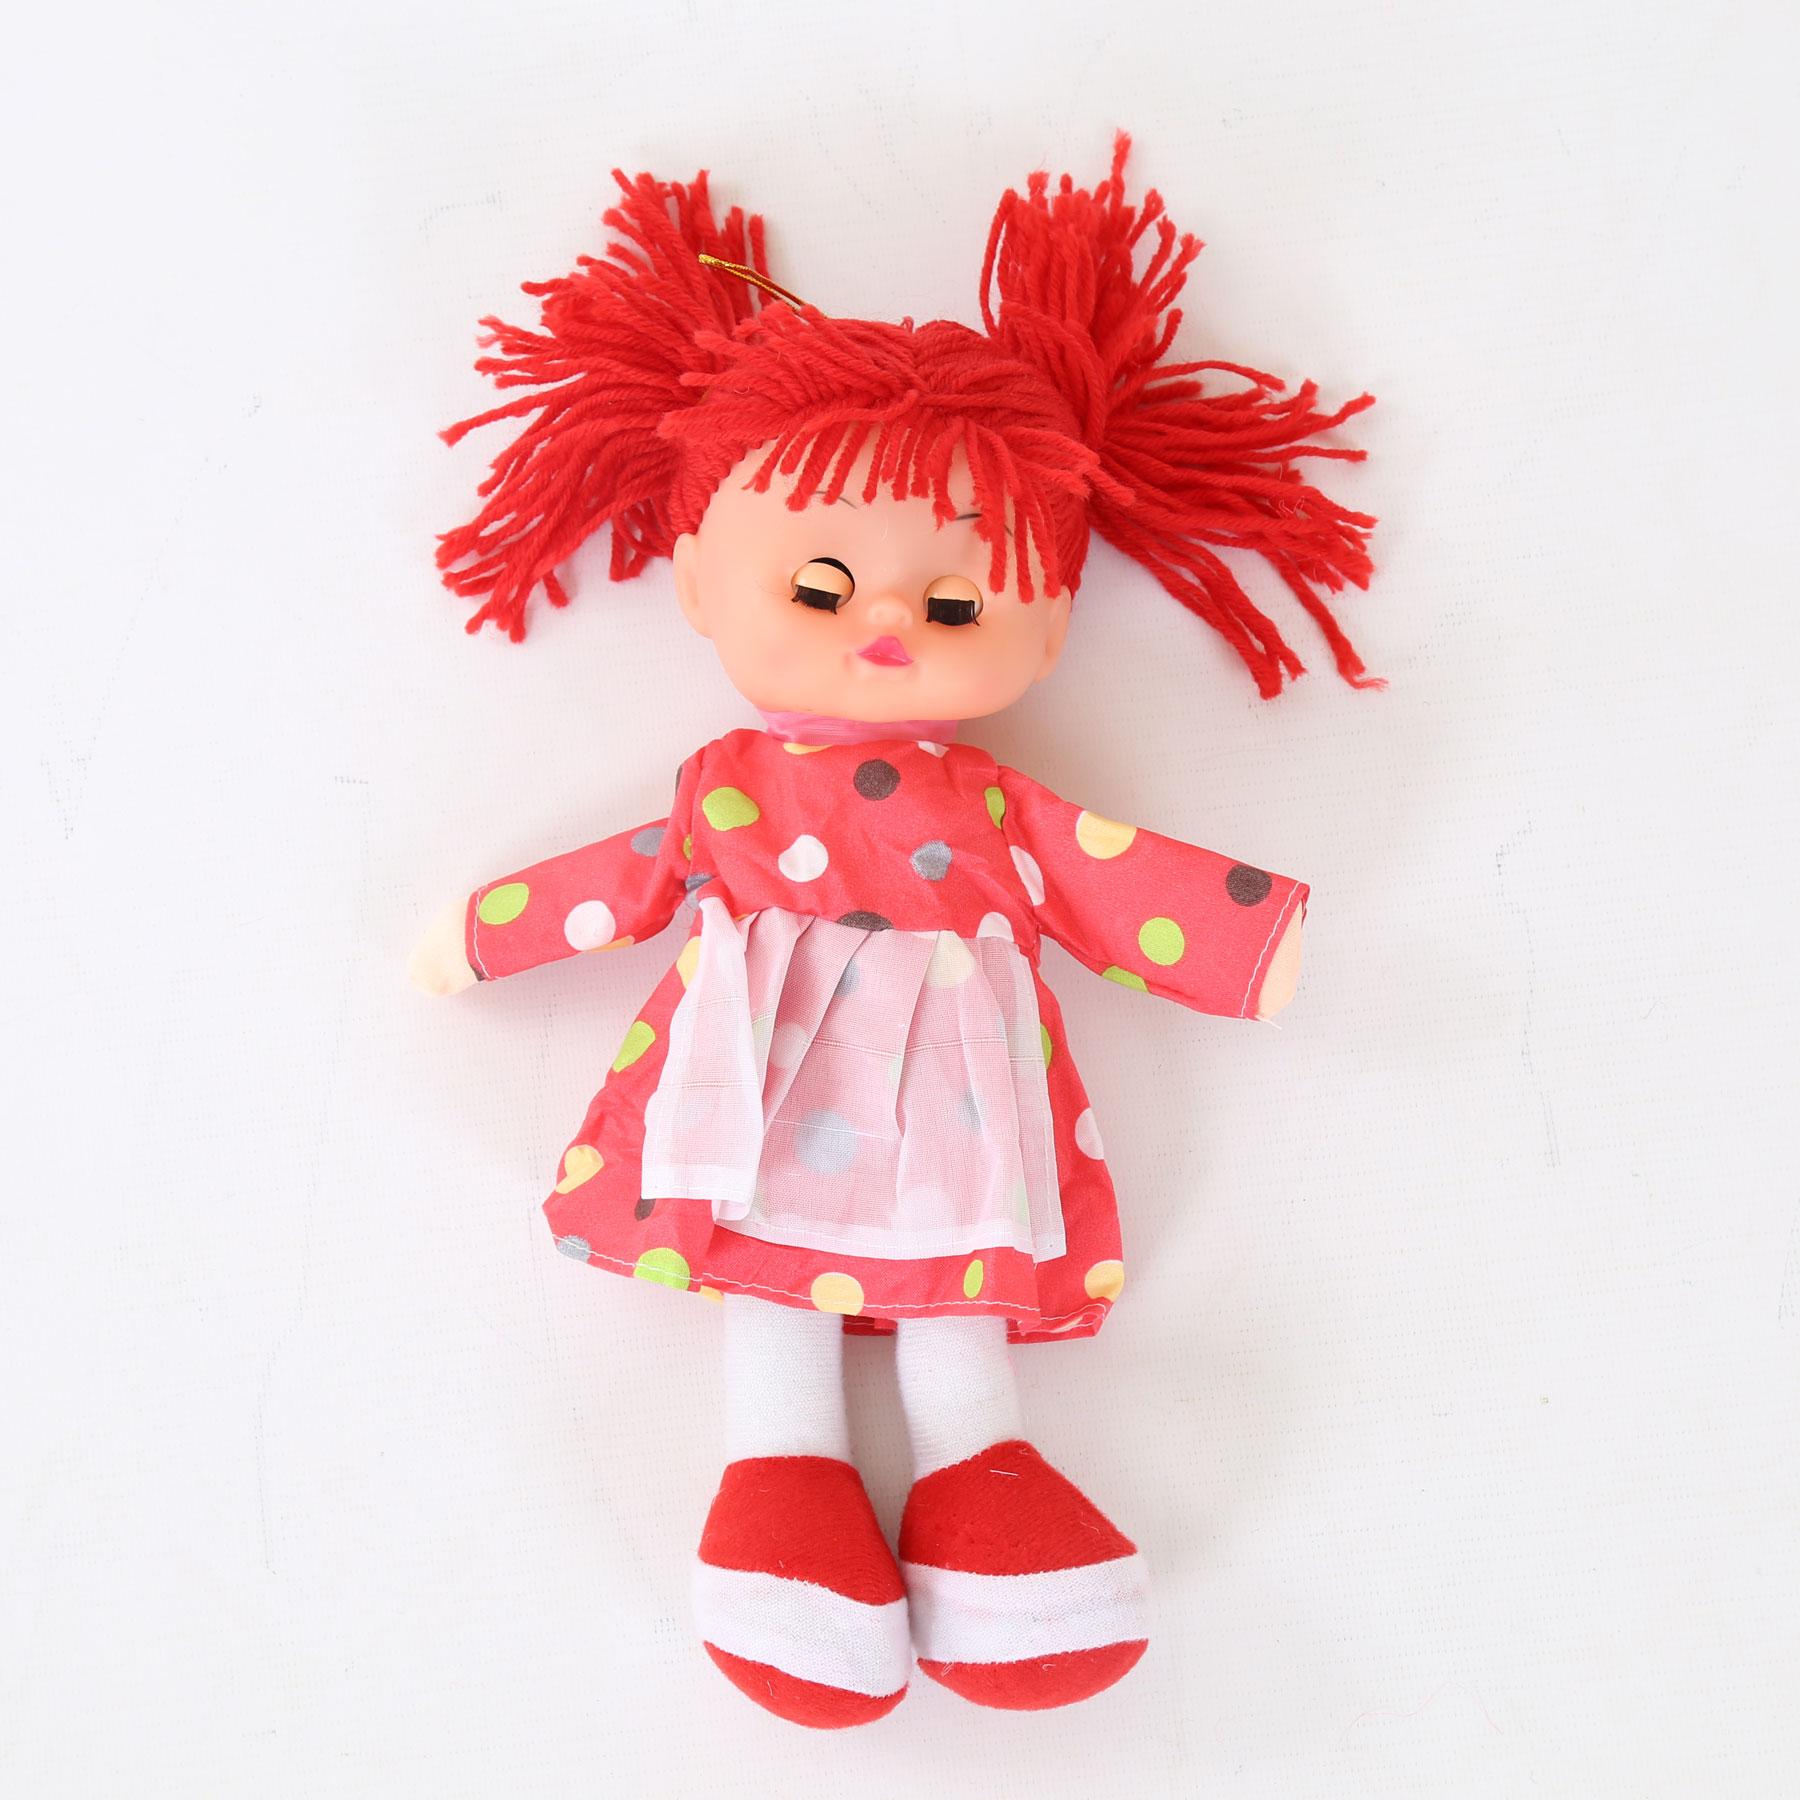 фото куклы глюкозы базы отдыха